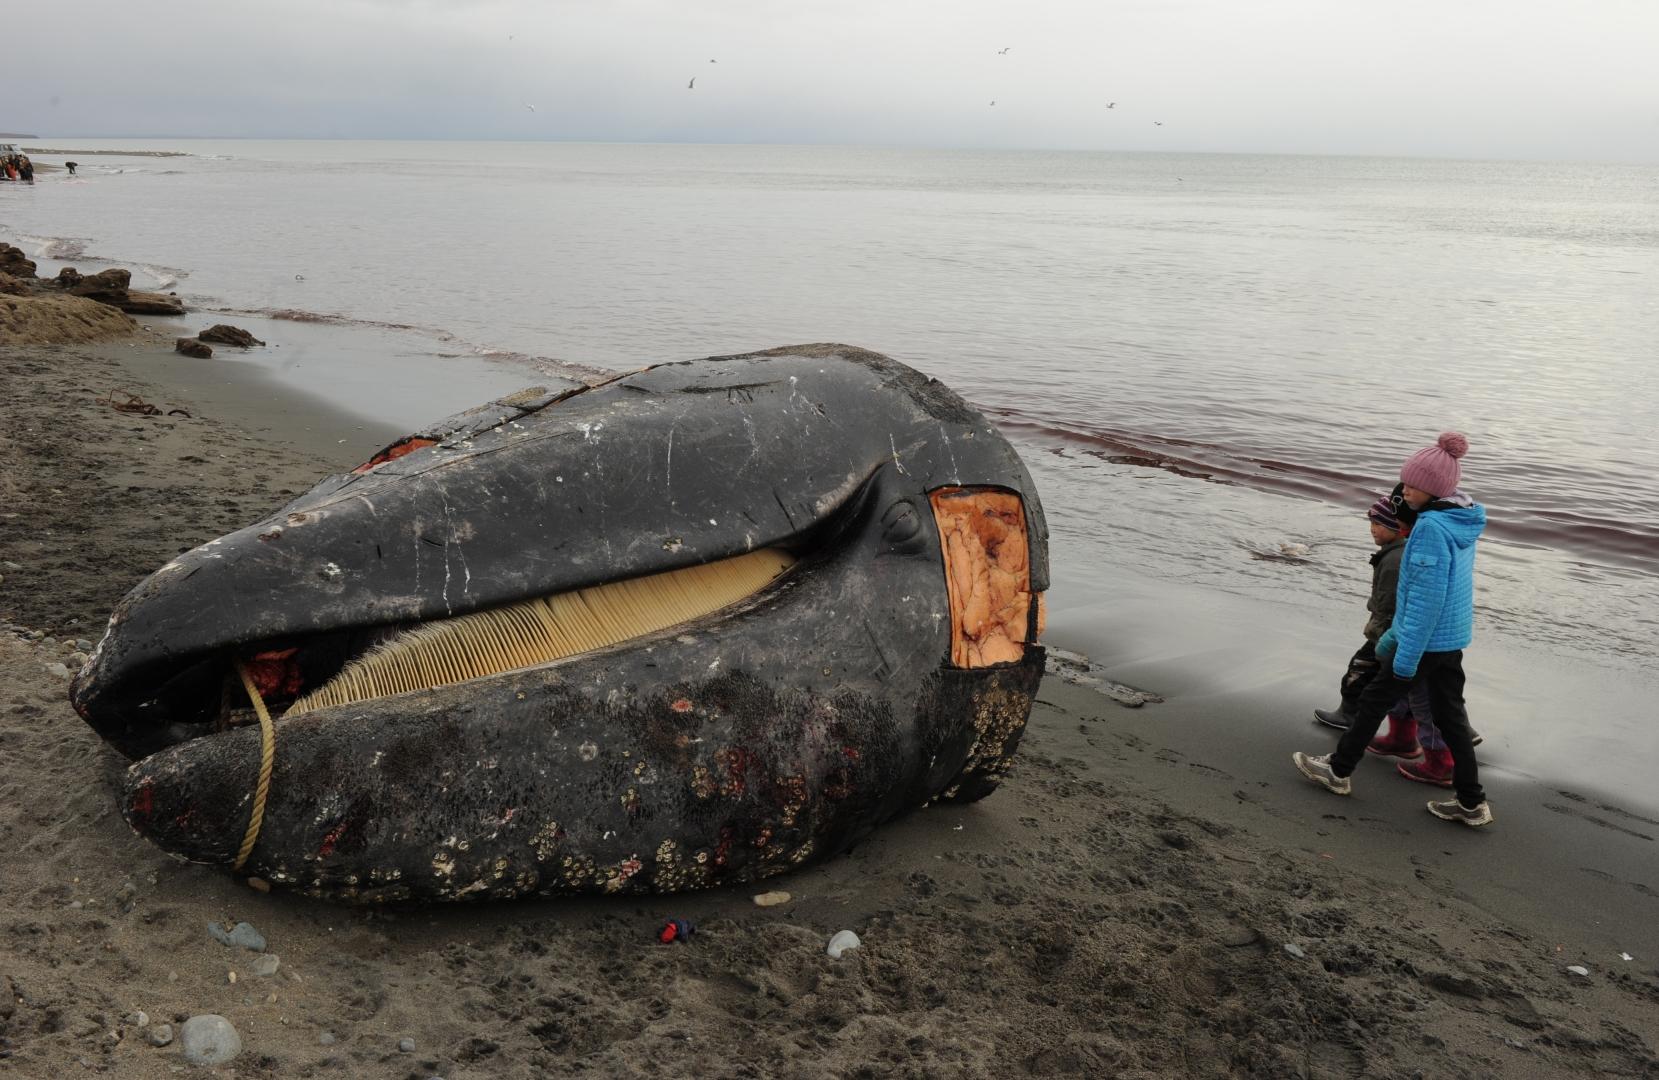 Голова серого кита на побережье Берингова моря